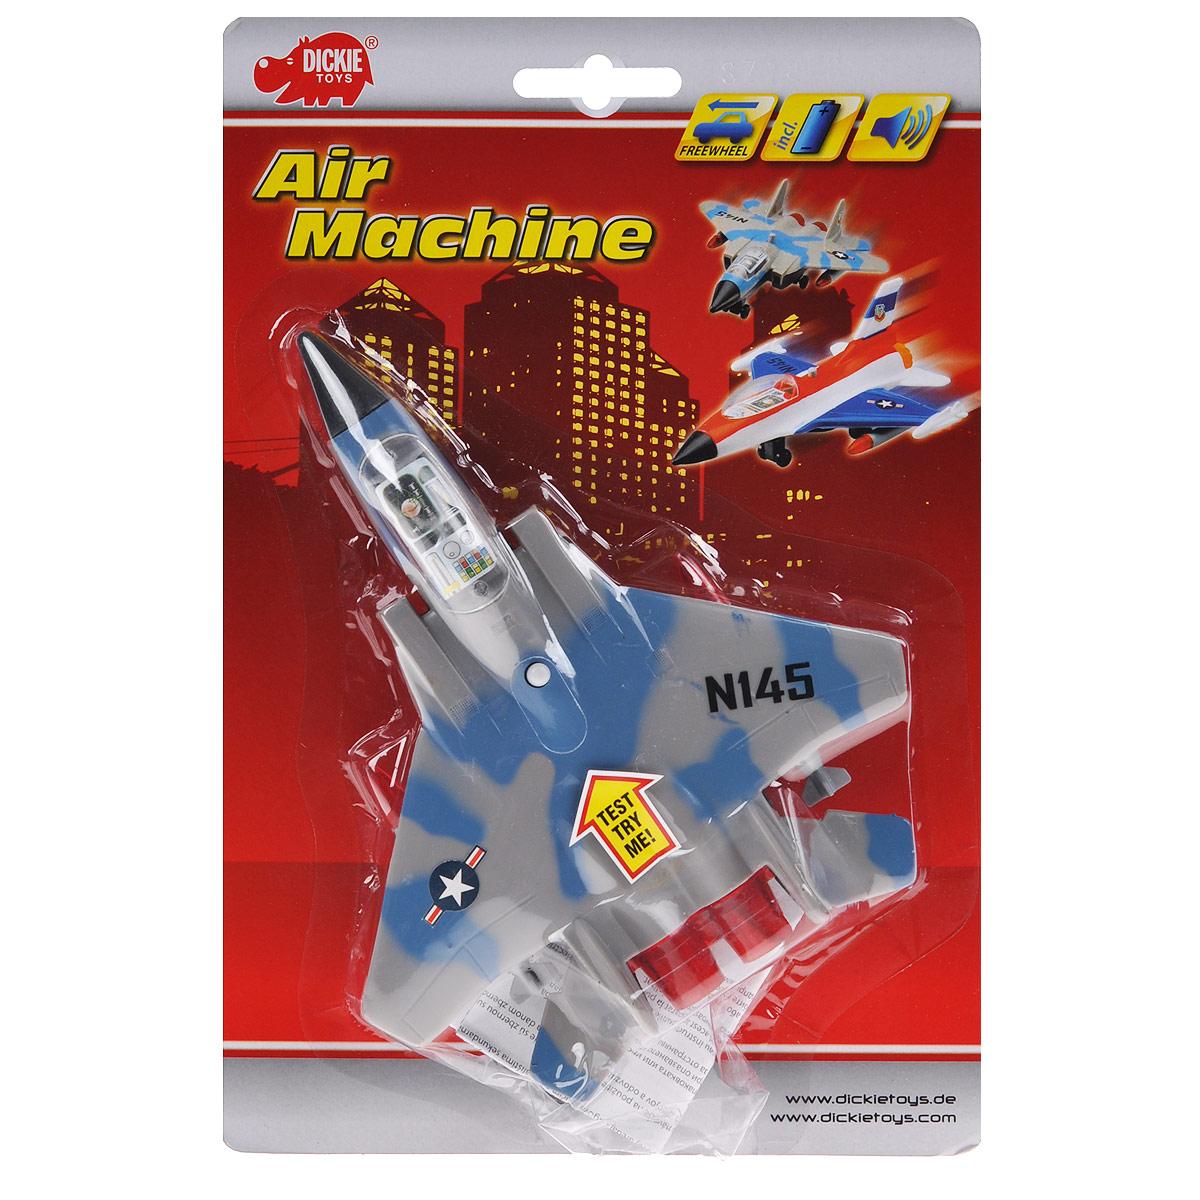 """Истребитель """"Dickie Toys"""" является миниатюрной копией настоящего истребителя. Игрушка, изготовленная из пластика, порадует вашего малыша. Истребитель снабжен двумя шасси и двумя ракетами для запуска. При нажатии кнопки на корпусе слышны реалистичные звуки взлетающего и садящегося истребителя."""